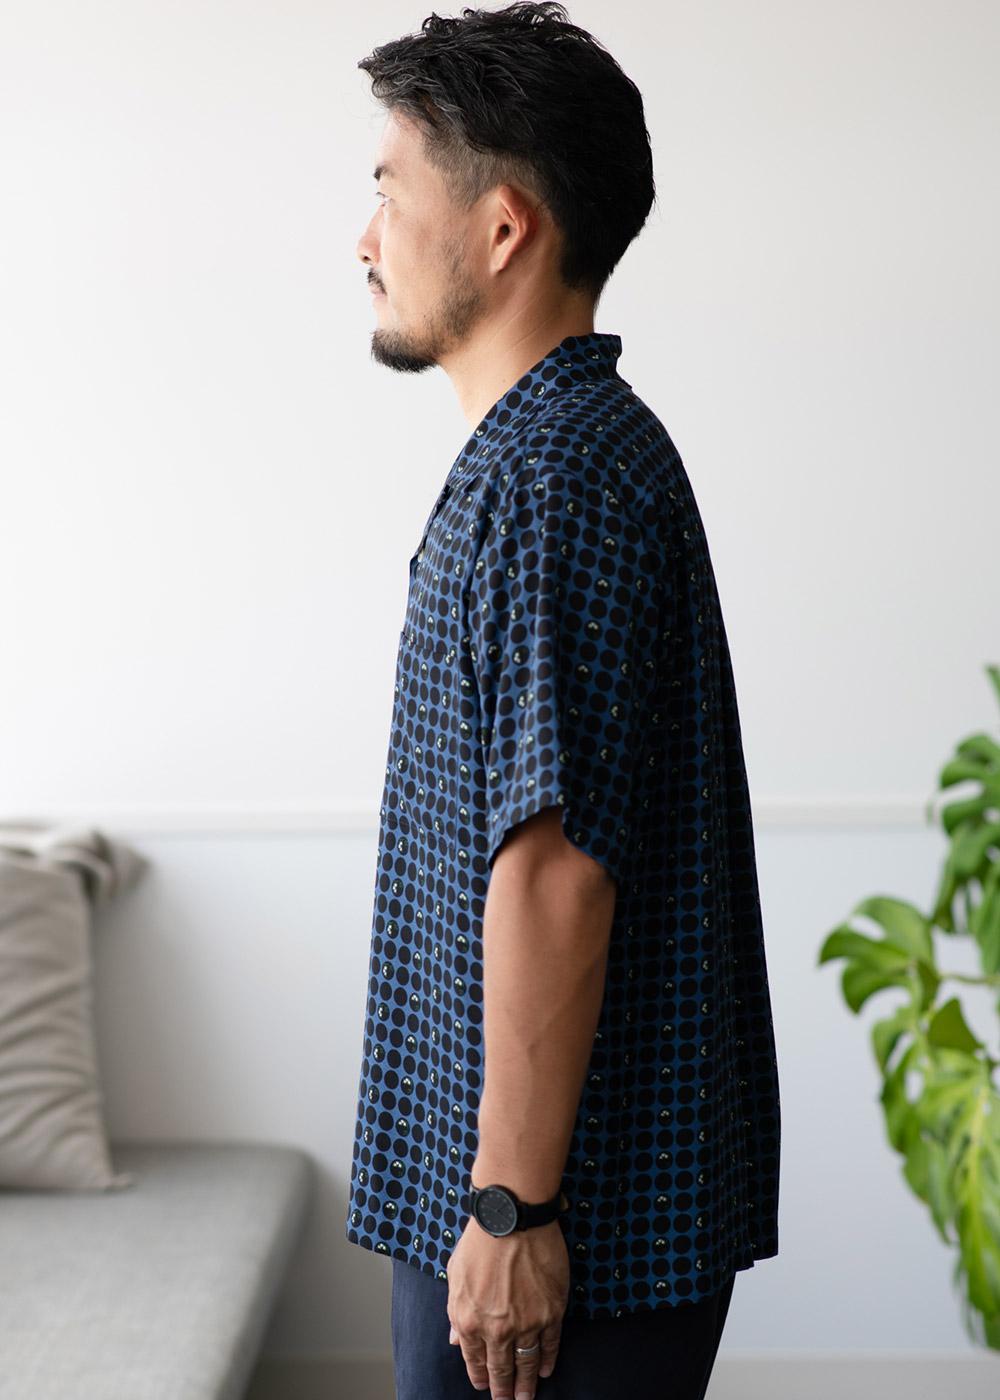 かりゆしウェア(沖縄版アロハシャツ) MAJUN - 琉球漆器ドット